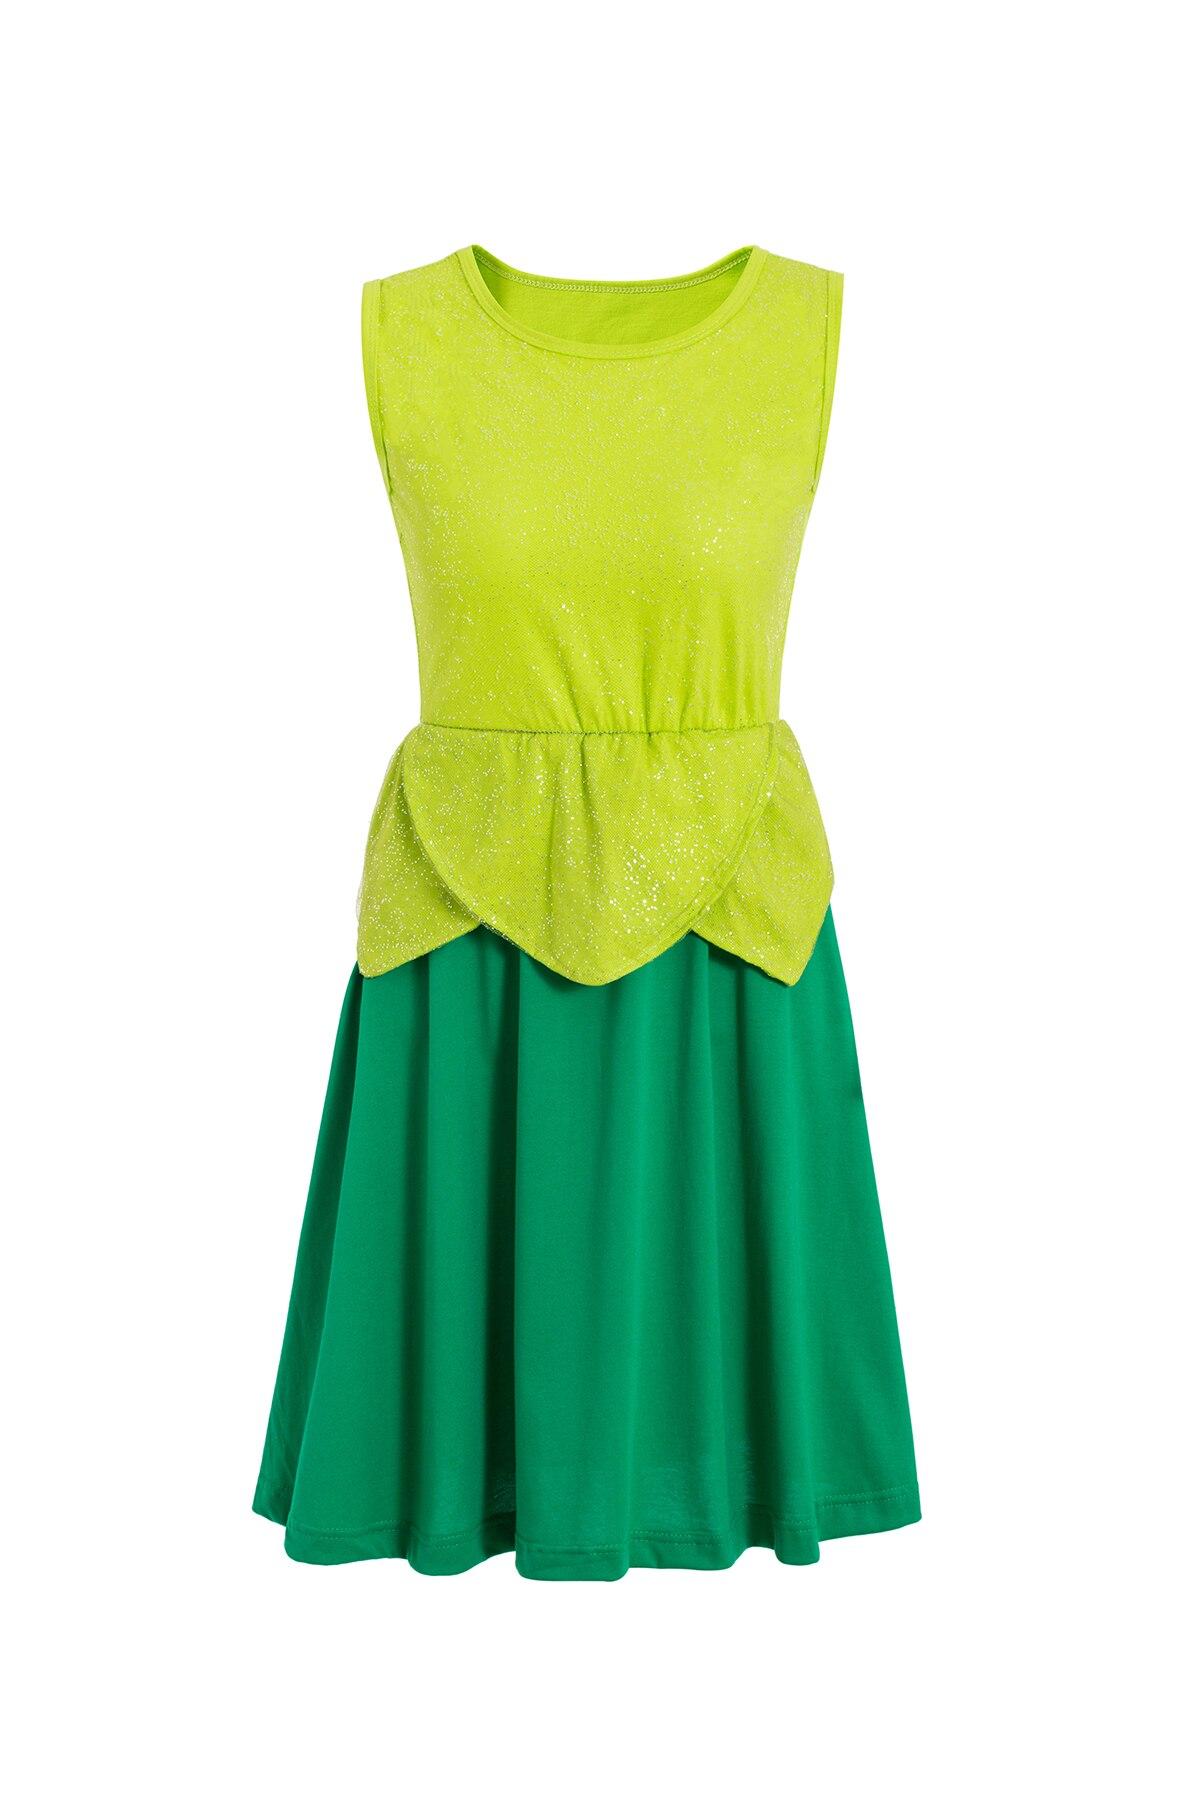 Платье принцессы для взрослых; одинаковый семейный маскарадный костюм «Минни Маус и я»; женское платье принцессы в горошек; большие размеры - Цвет: tinkerbell